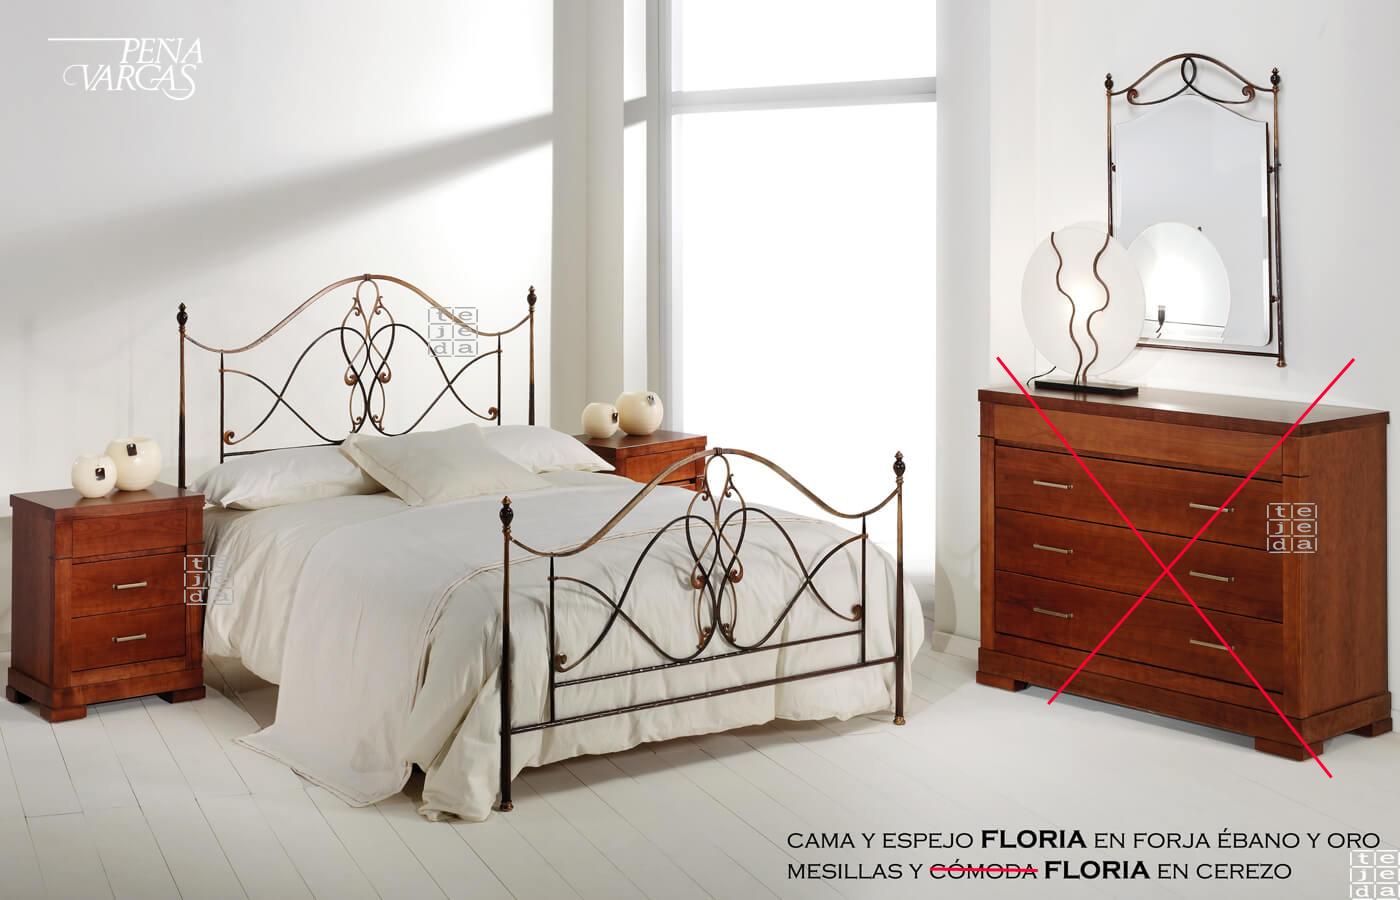 Complementos Floria De Pe A Vargas Cabeceros Y Camas De Forja # Muebles Ebano Vargas